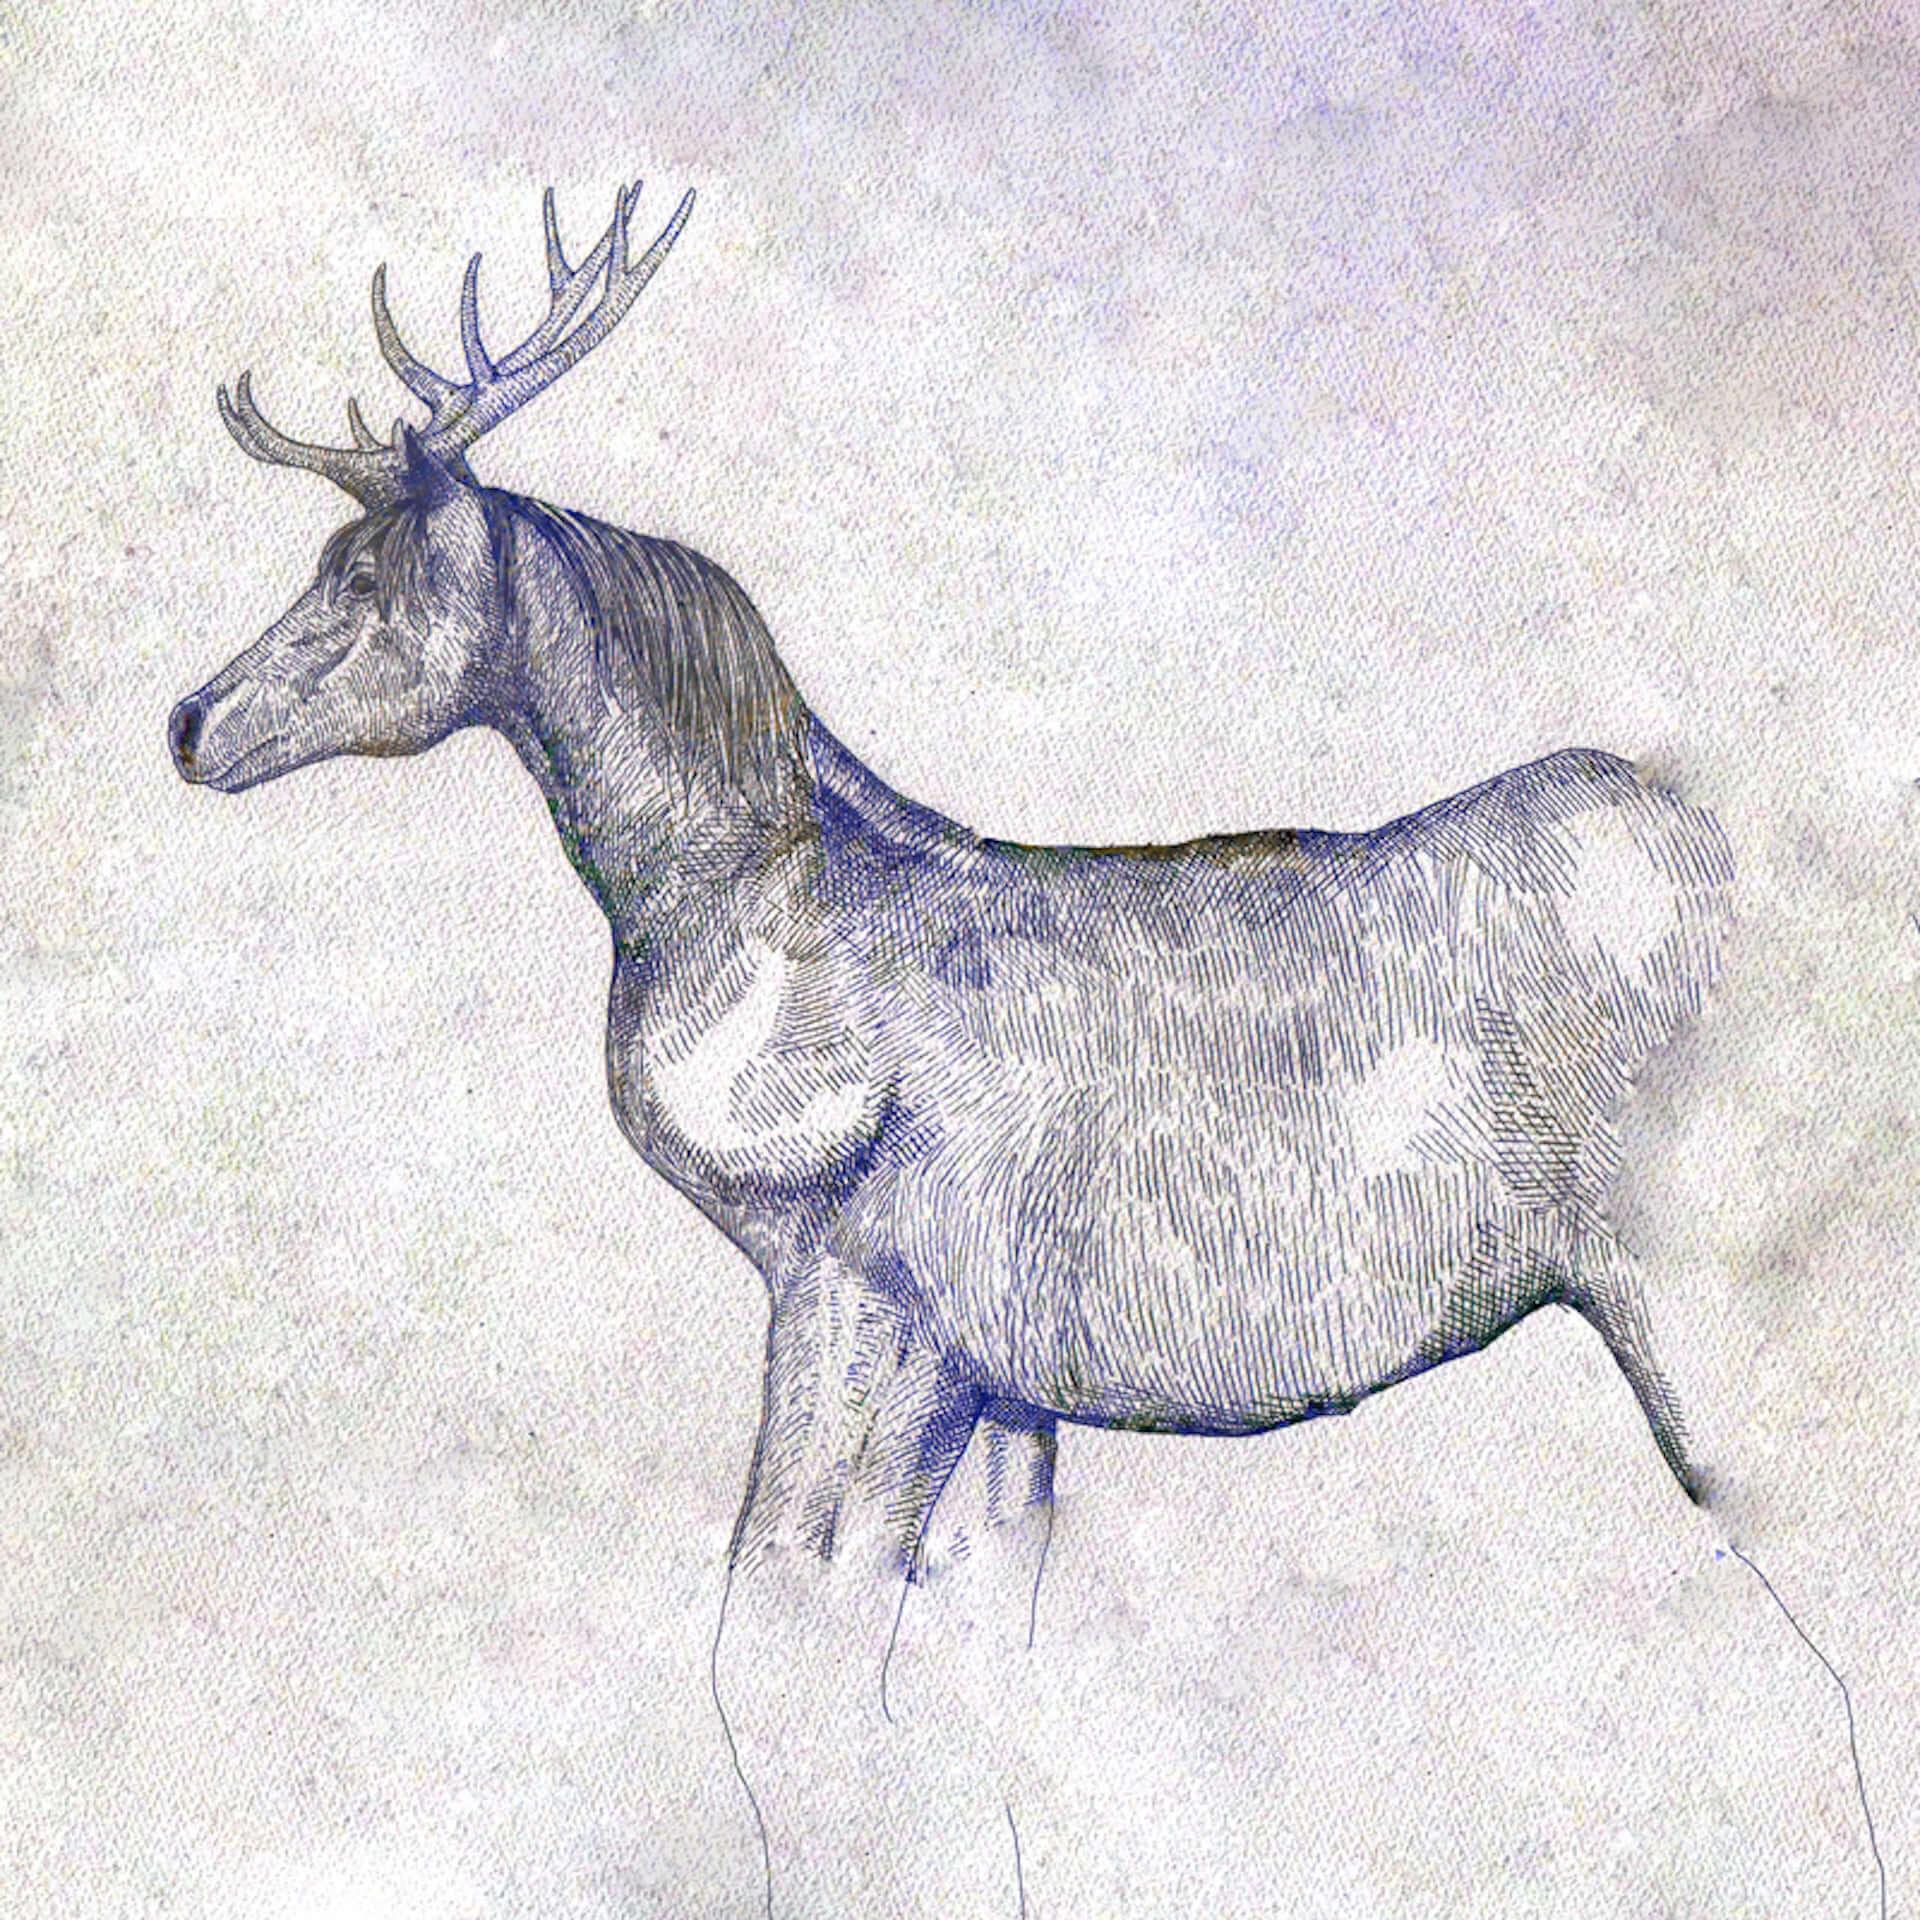 淡い水色髪の米津玄師、「馬と鹿」最新ビジュアル公開|最新シングルの全収録内容も発表 music190726yonezukenshi-umatoshika_3-1920x1920